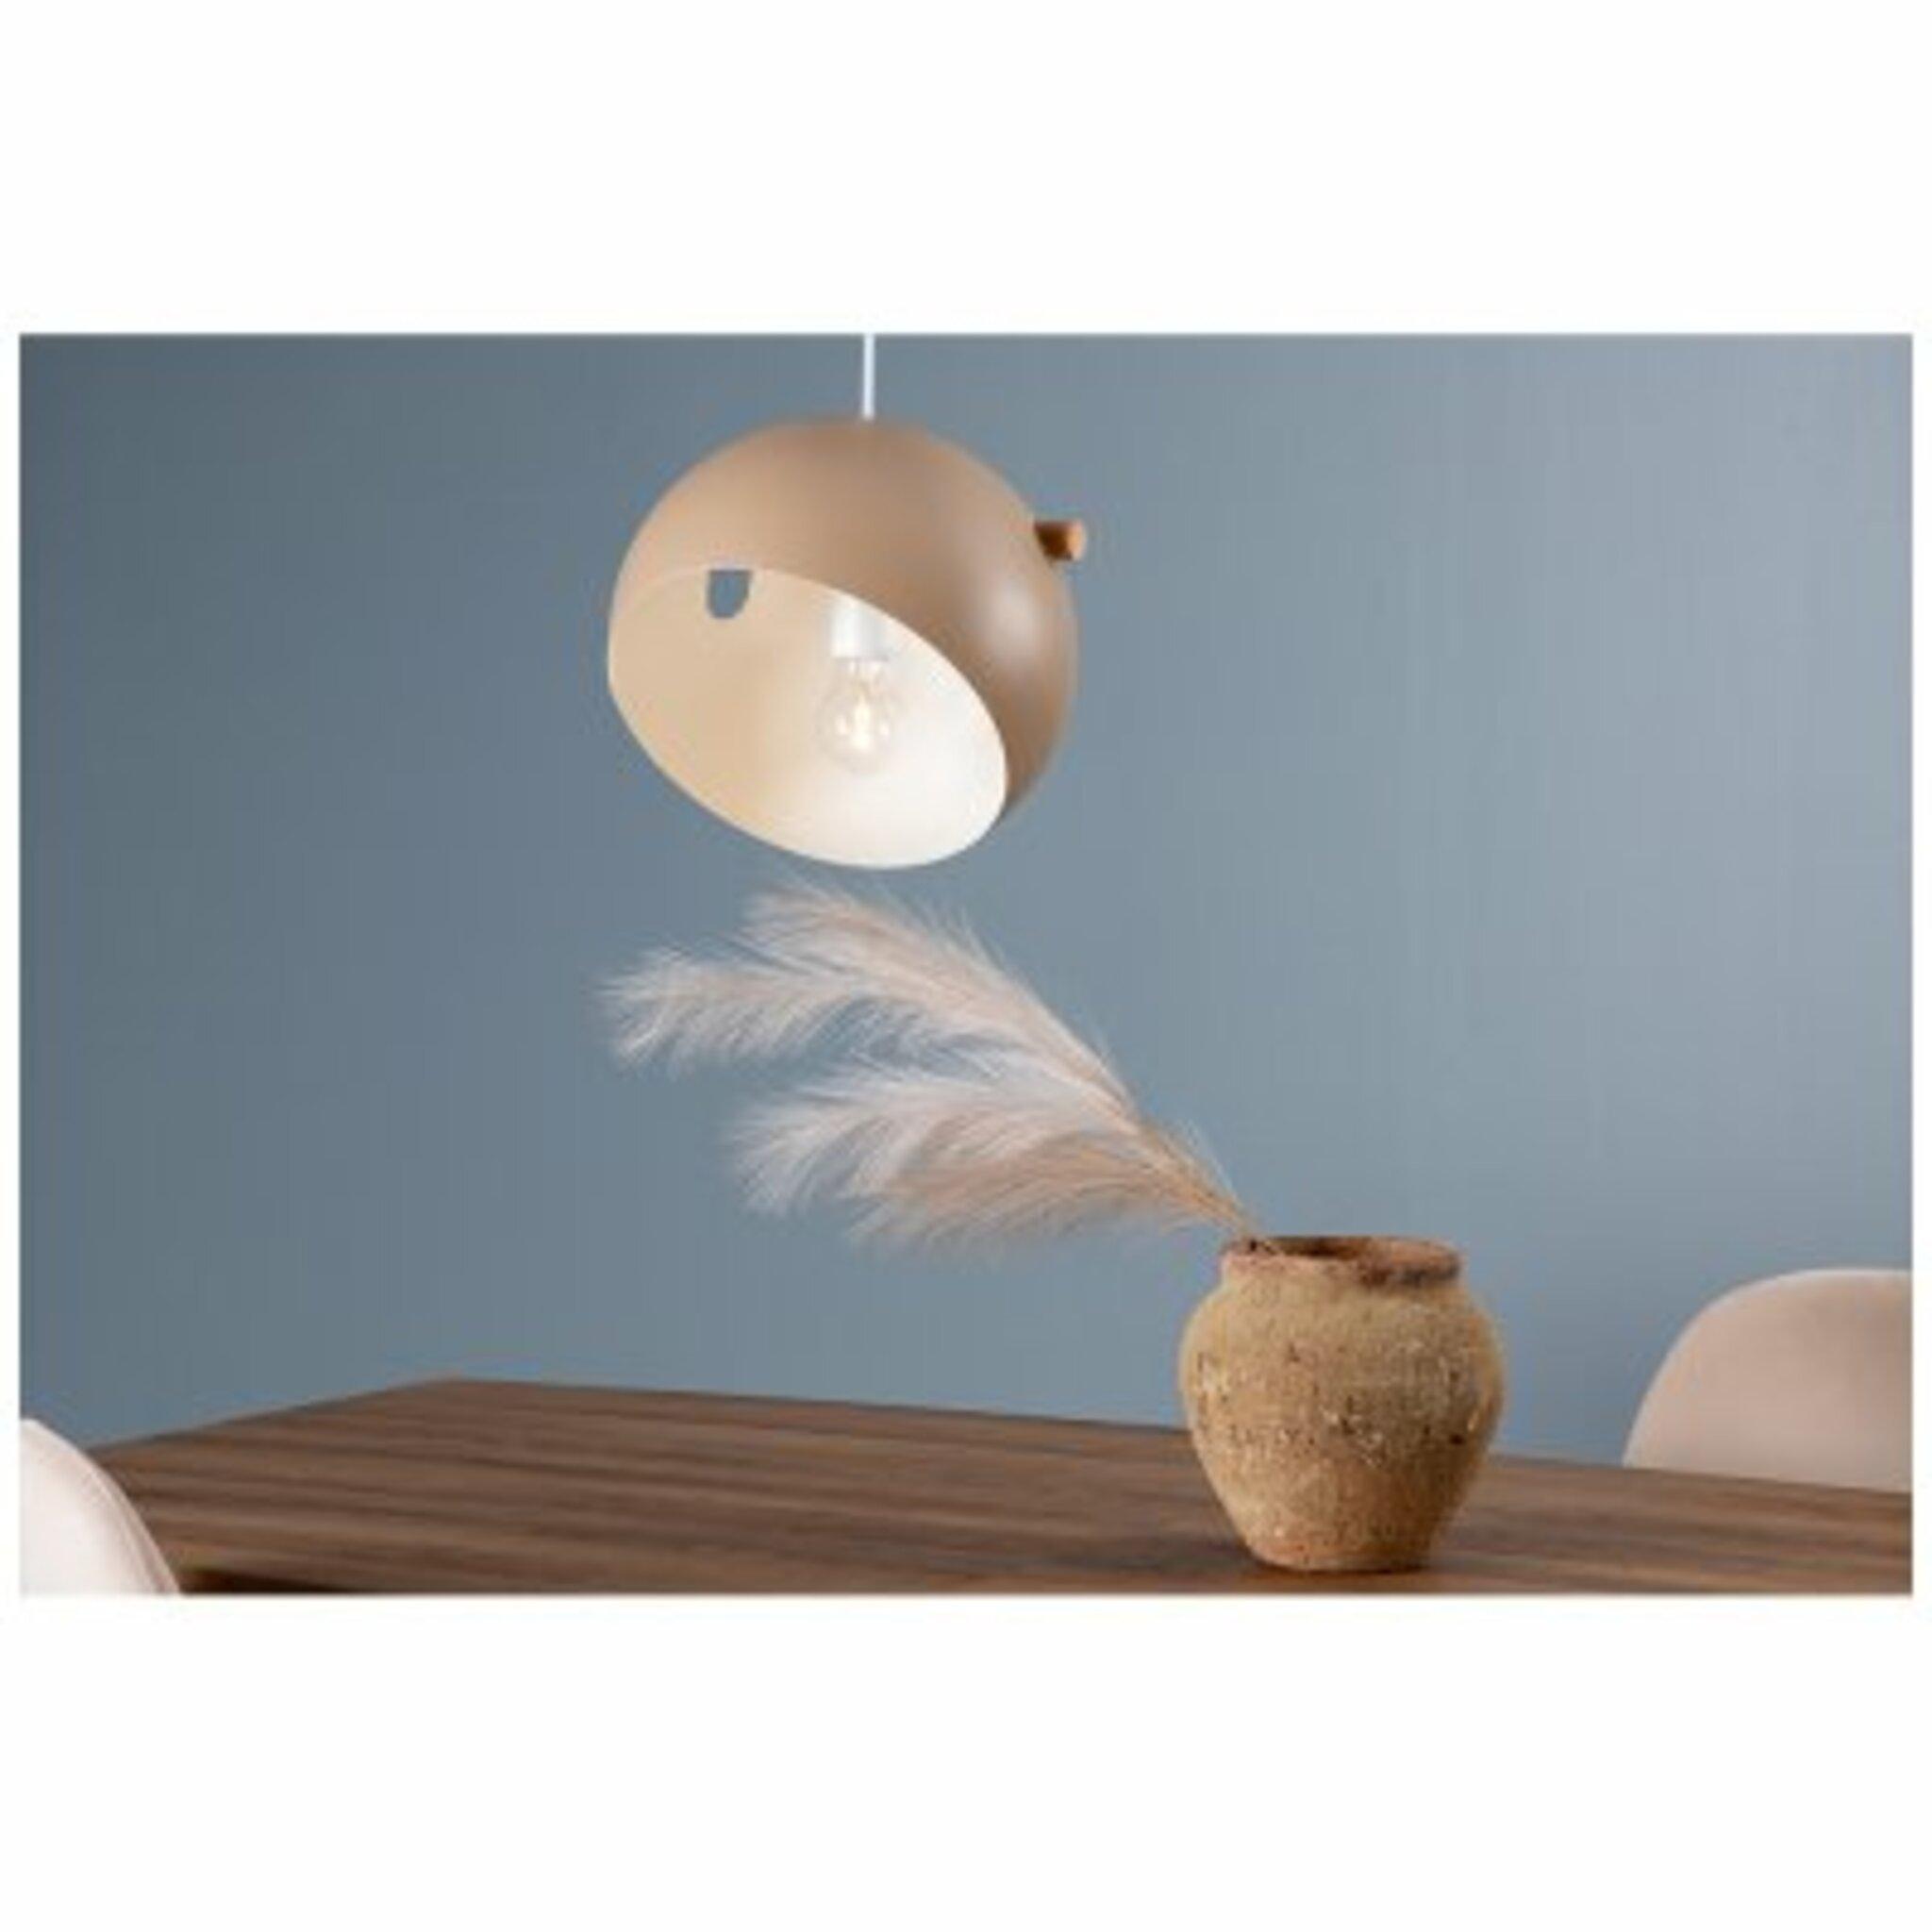 Taklampa Tubbie 23x23x16, beige natur/trä